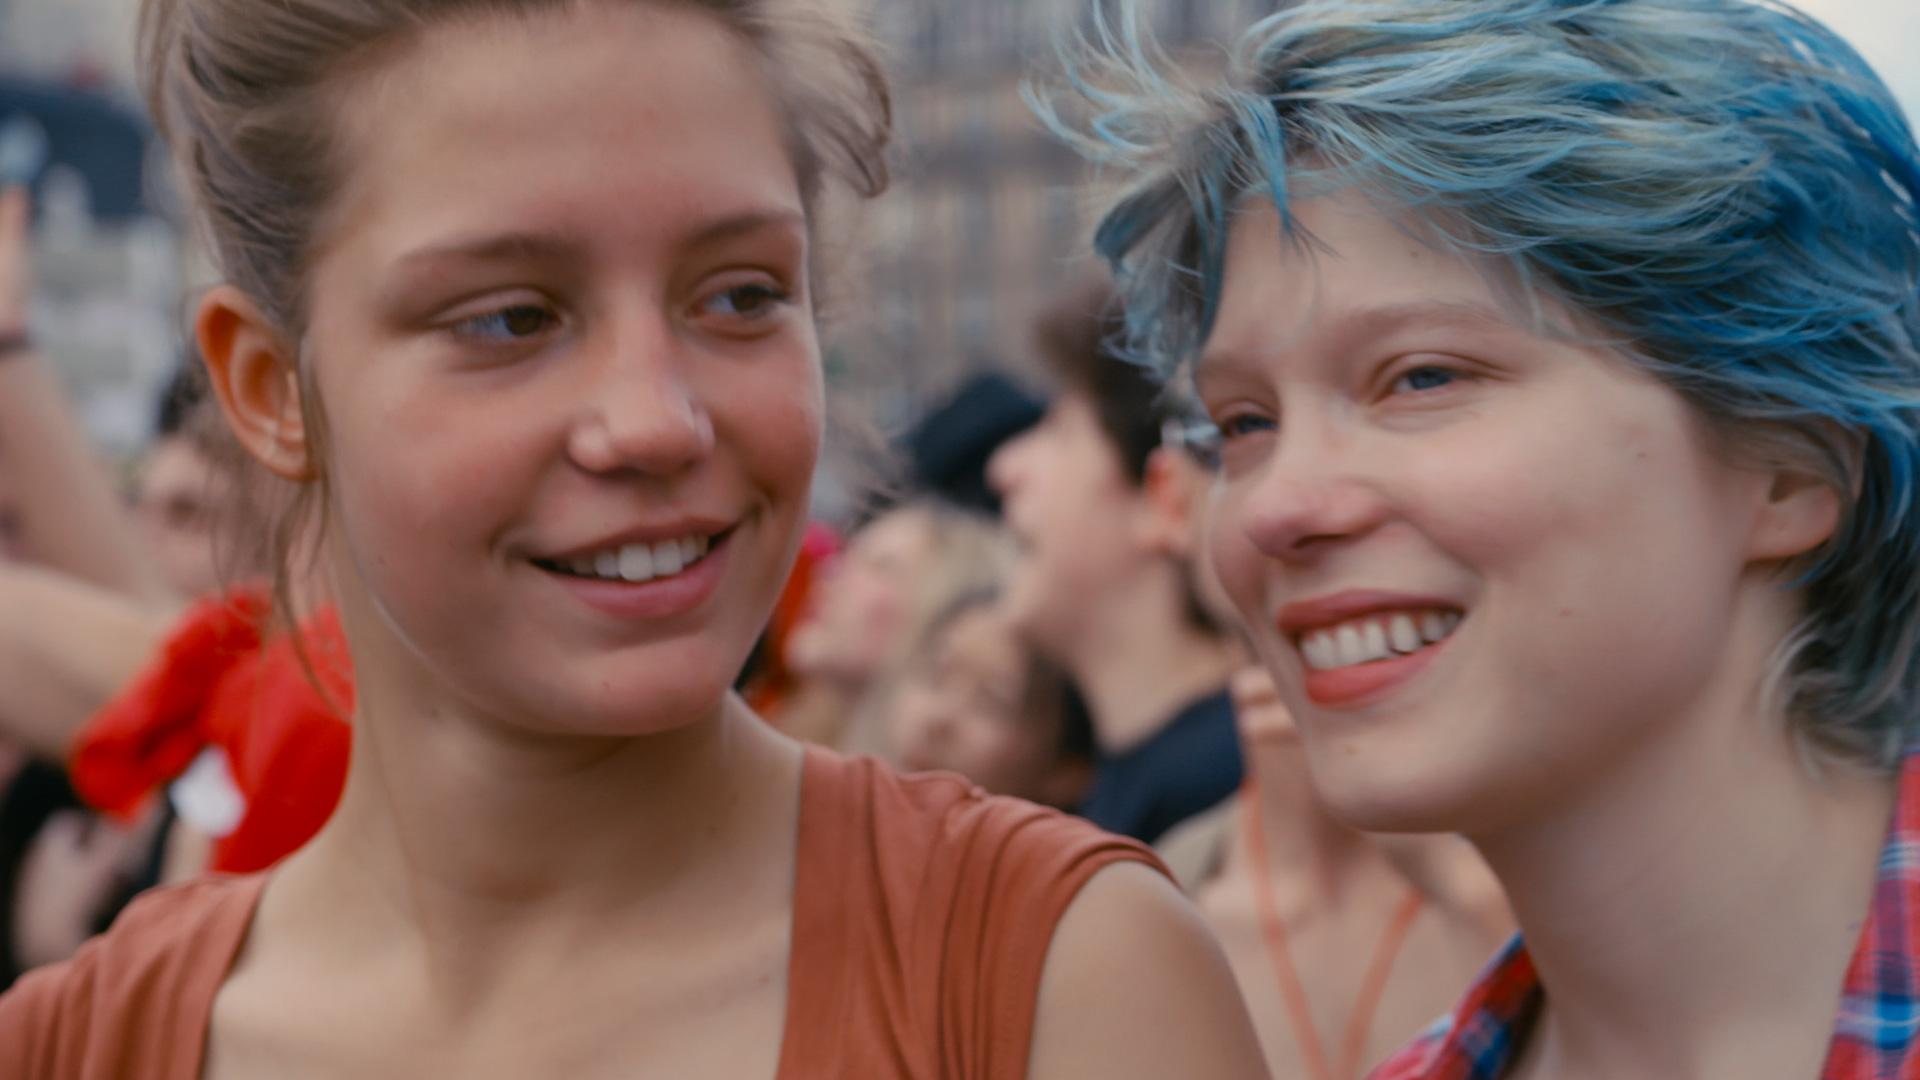 cf62bfe8 Adèle Exarchopoulos (Adele) og Léa Seydoux (Emma) spiller imponerende  hovedroller i Blå